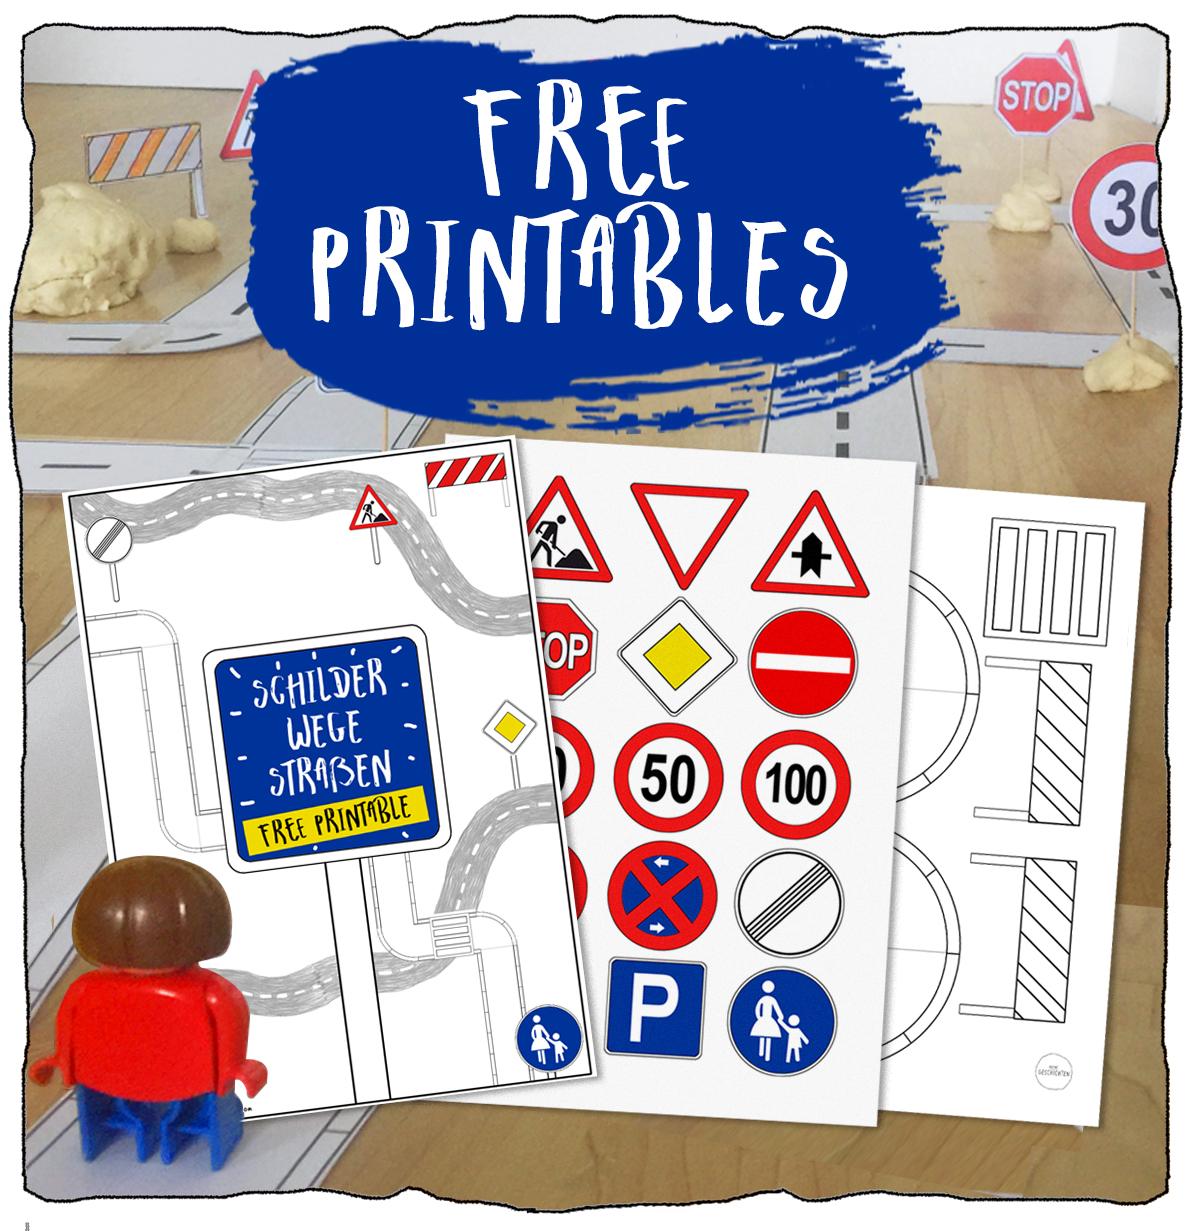 KleineGeschichten-strassenschilder-verkehrsschilder-lernen-spielen-Basteln-mit-Knete-free-printables